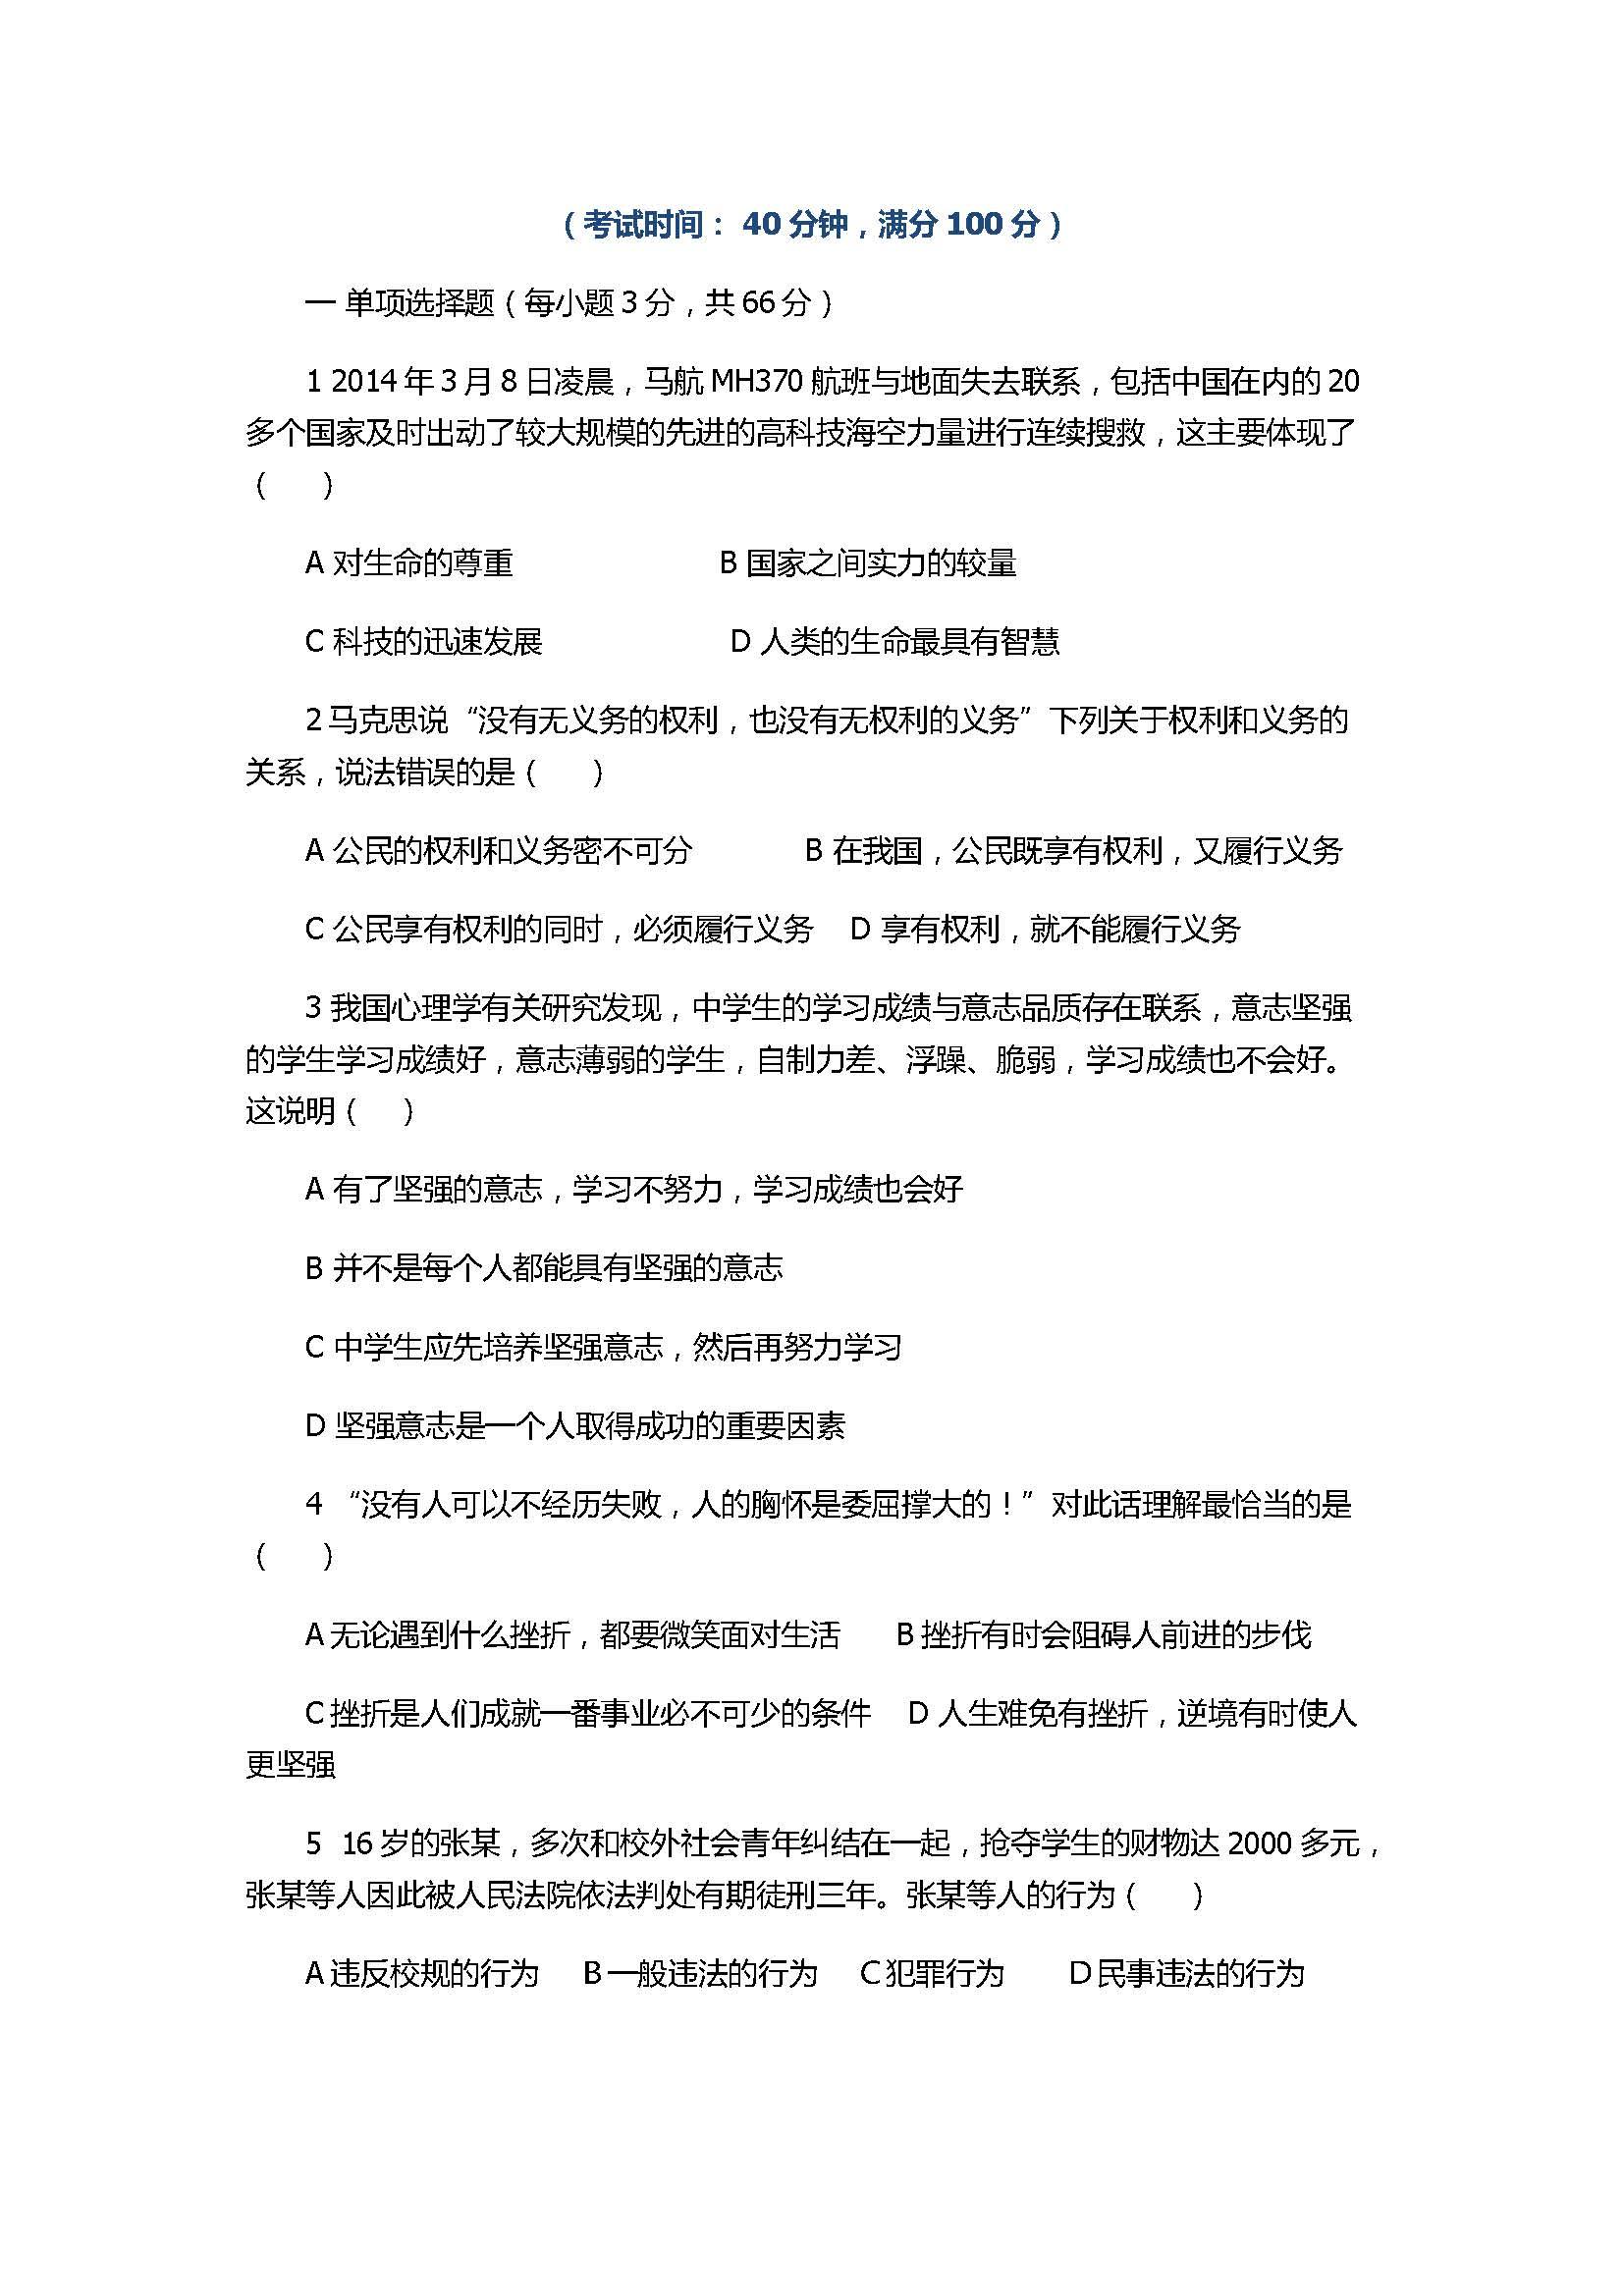 2017八年级政治下册期末测试题含参考答案(广东省揭阳市揭西县)